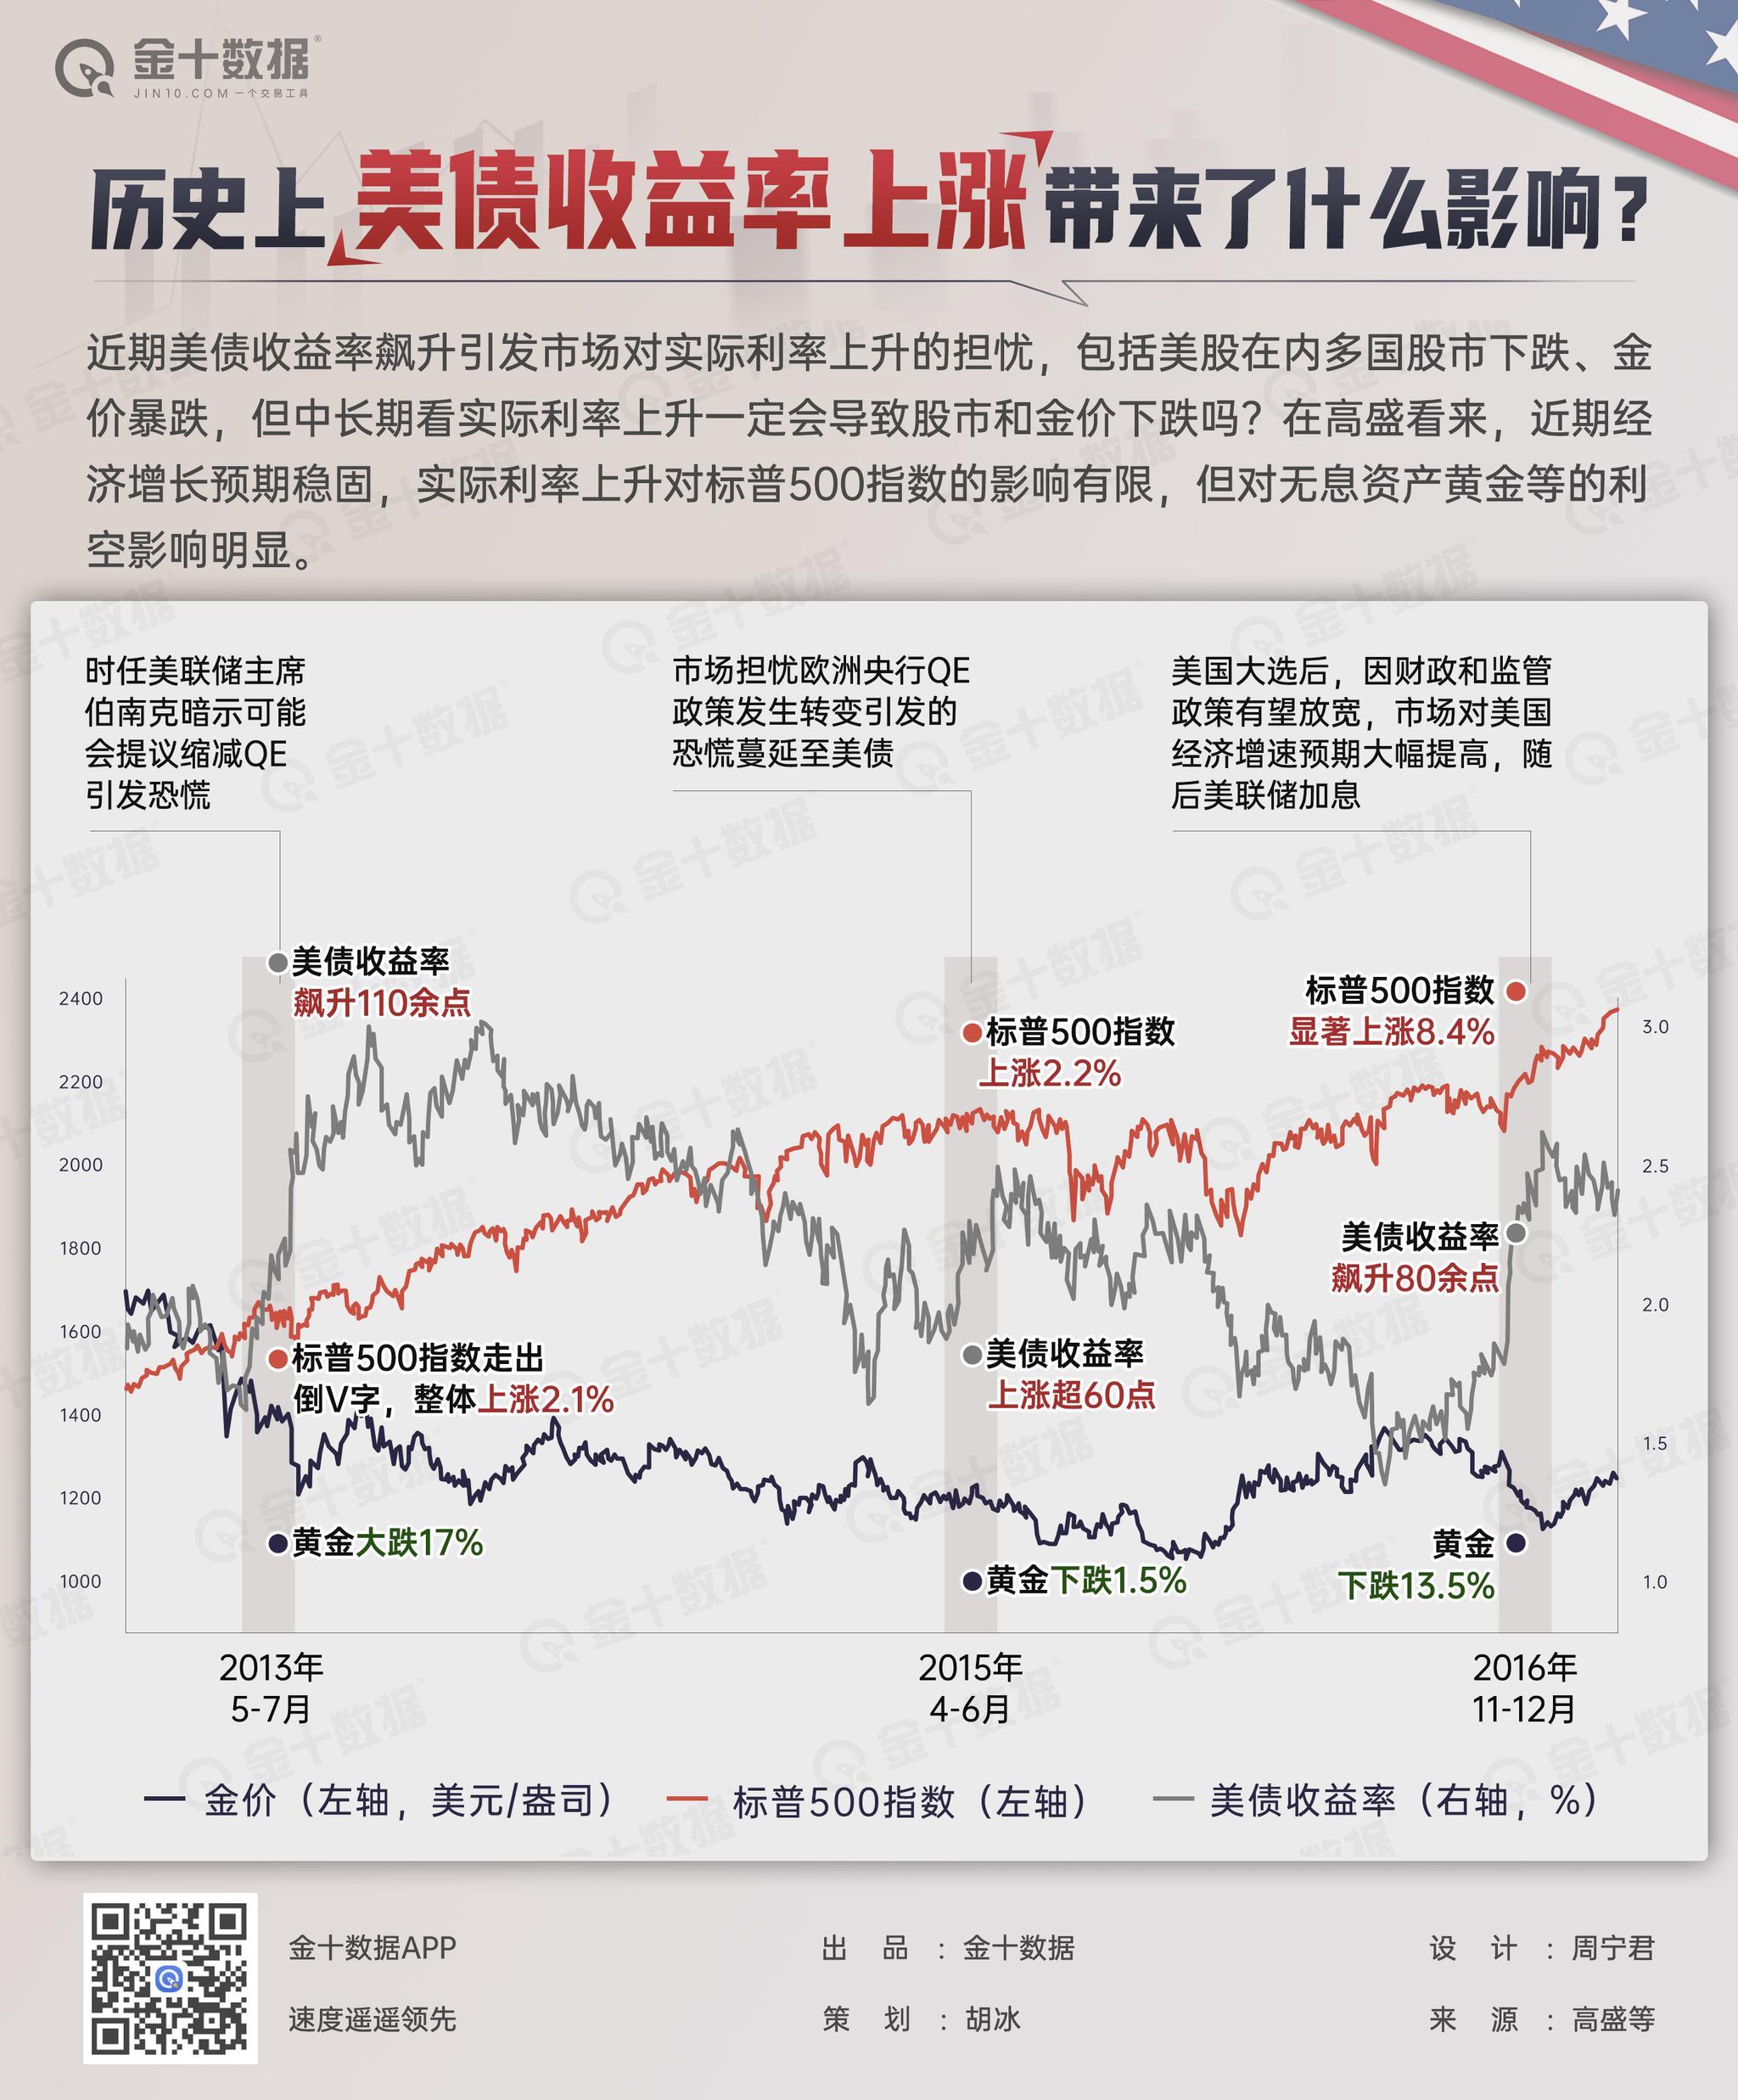 美债收益率上涨 金价大跌才刚刚开始?